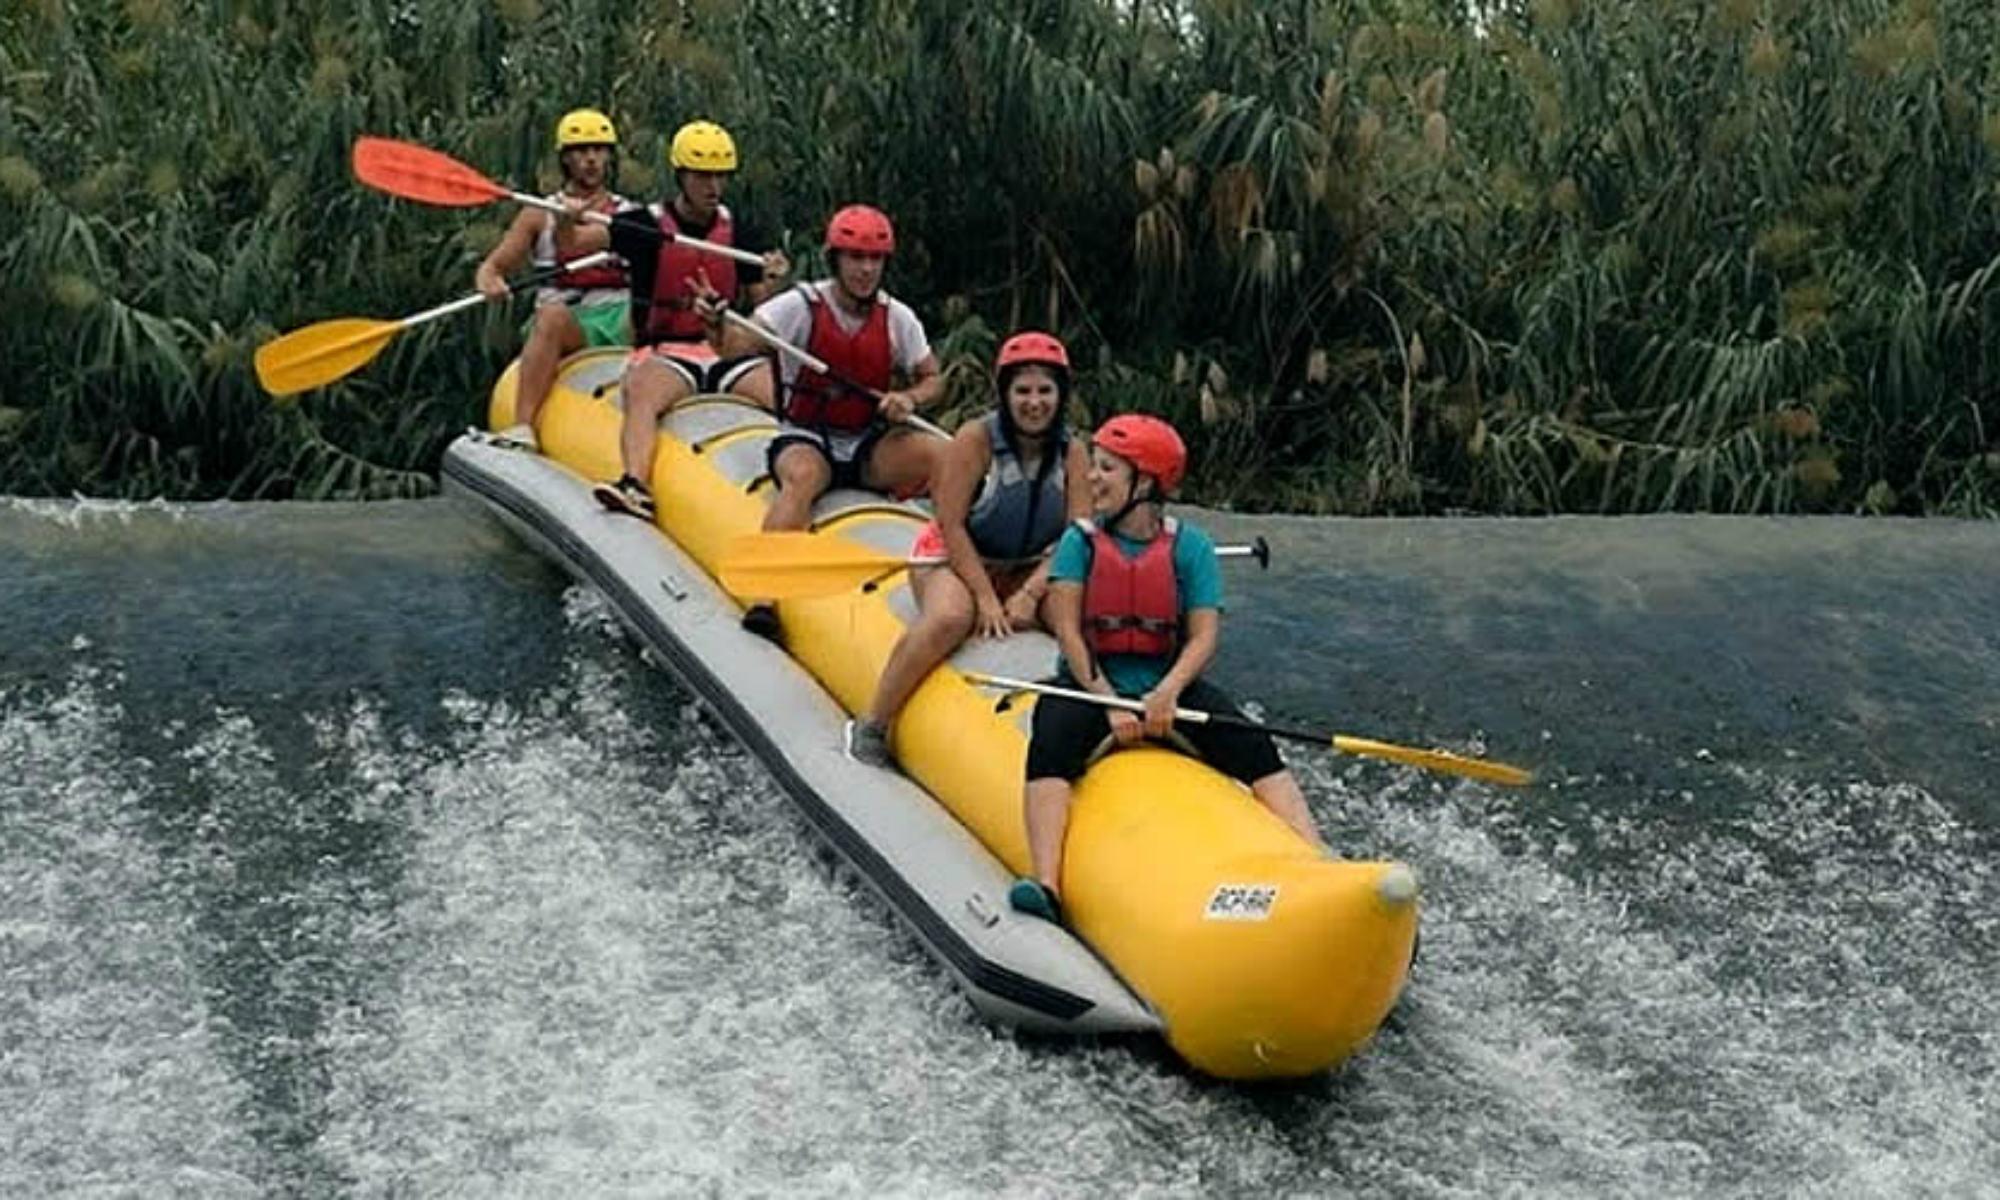 Un gruppo di ragazzi fanno rafting su una banana boat.